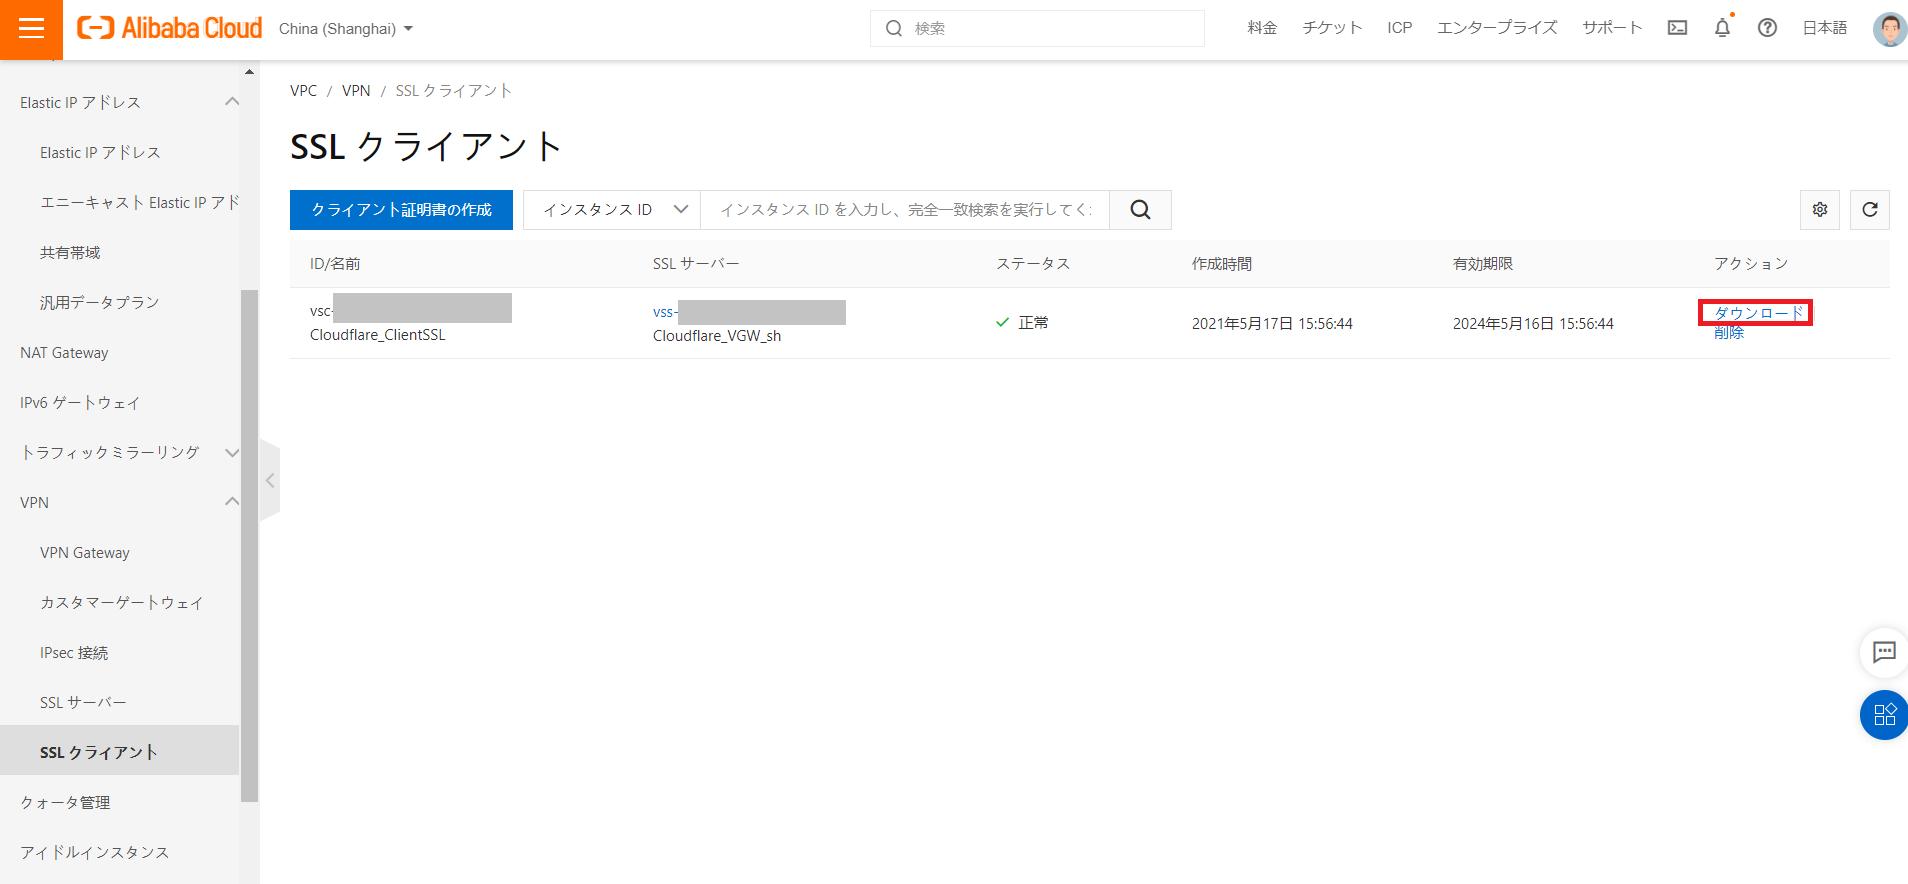 f:id:sbc_saito:20210521180648p:plain